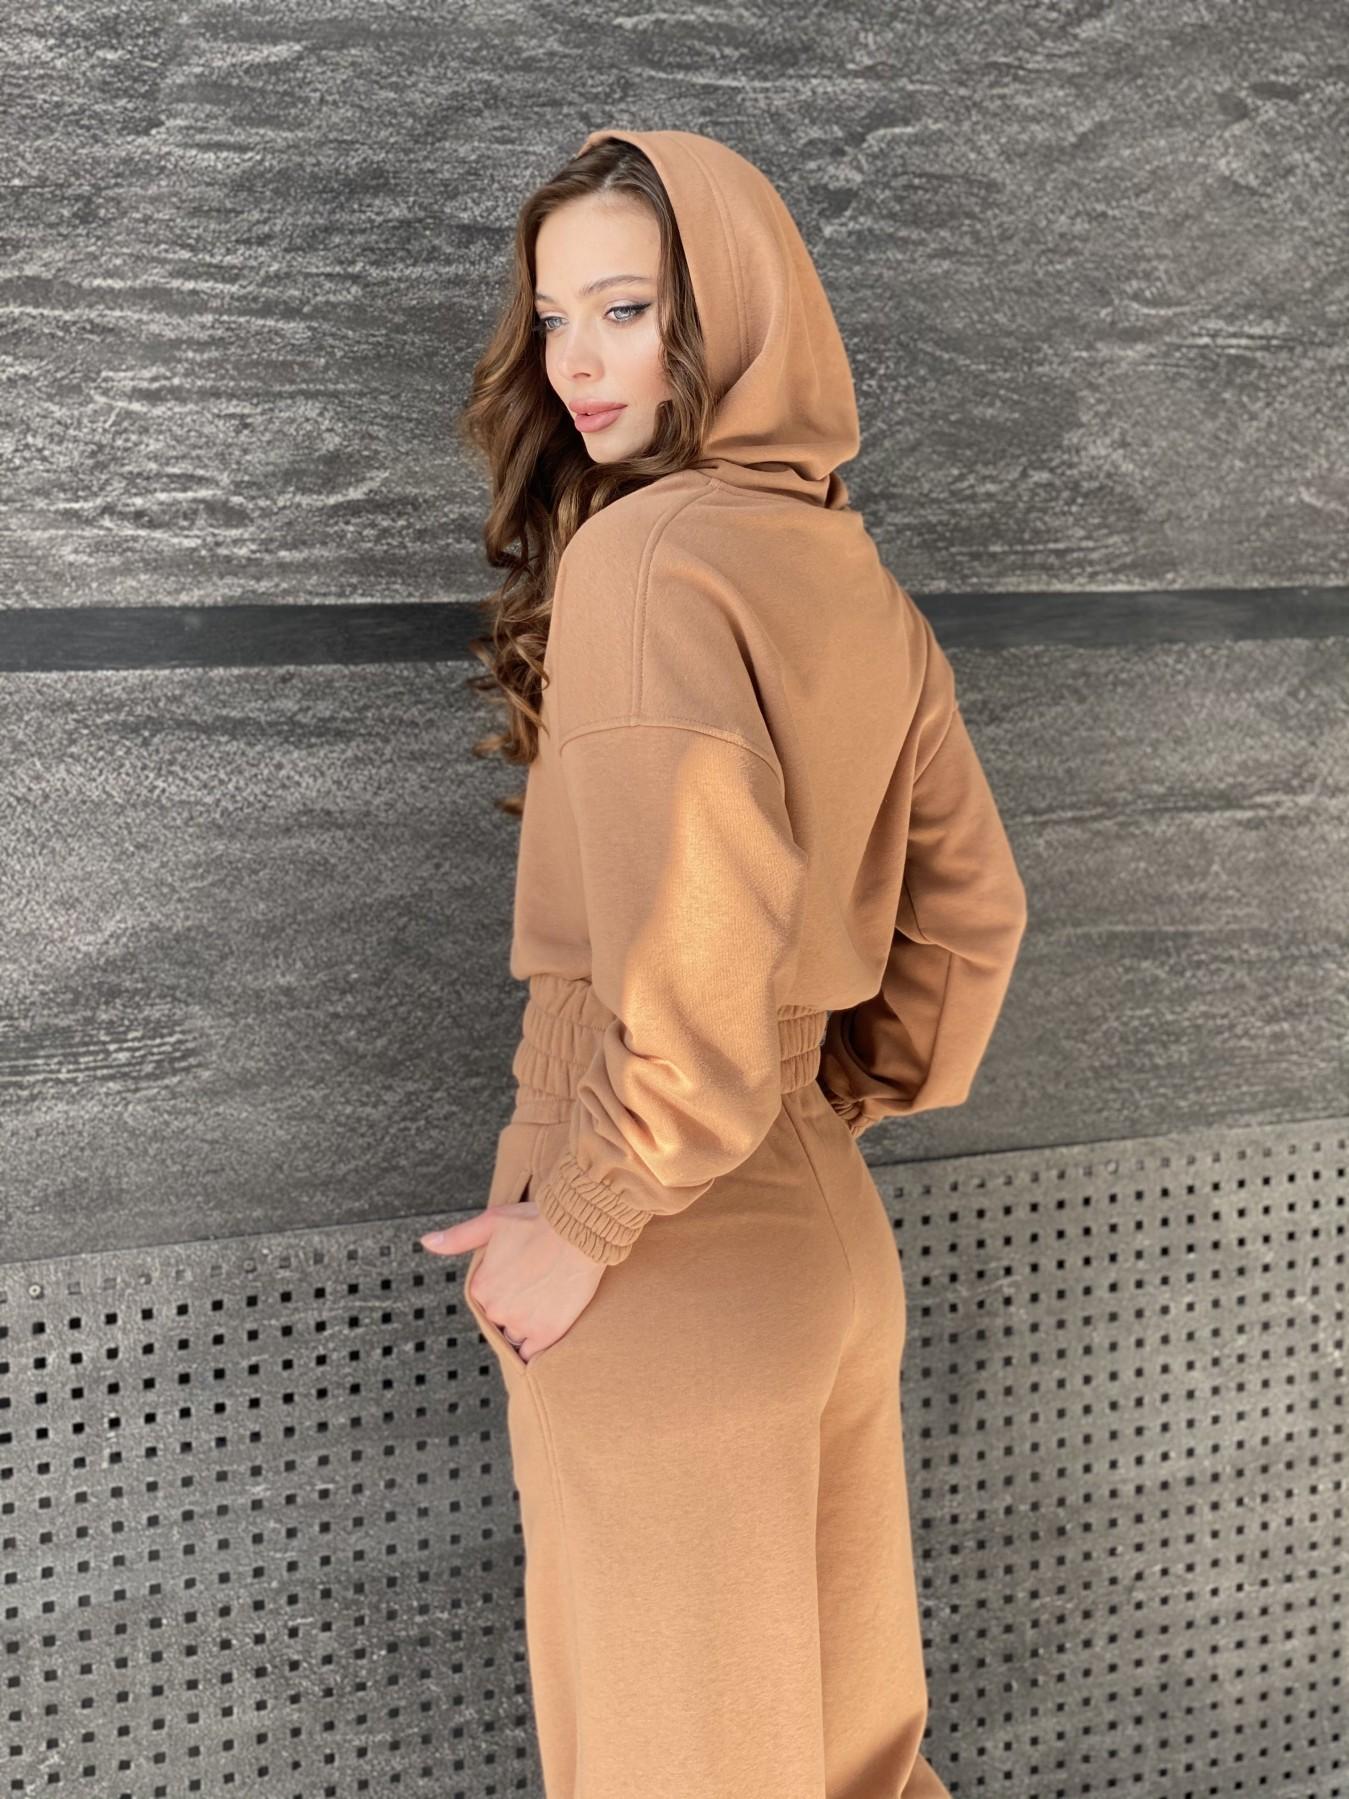 Бейби  прогулочный костюм из 3х нитки 10812 АРТ. 47284 Цвет: Кемел - фото 5, интернет магазин tm-modus.ru